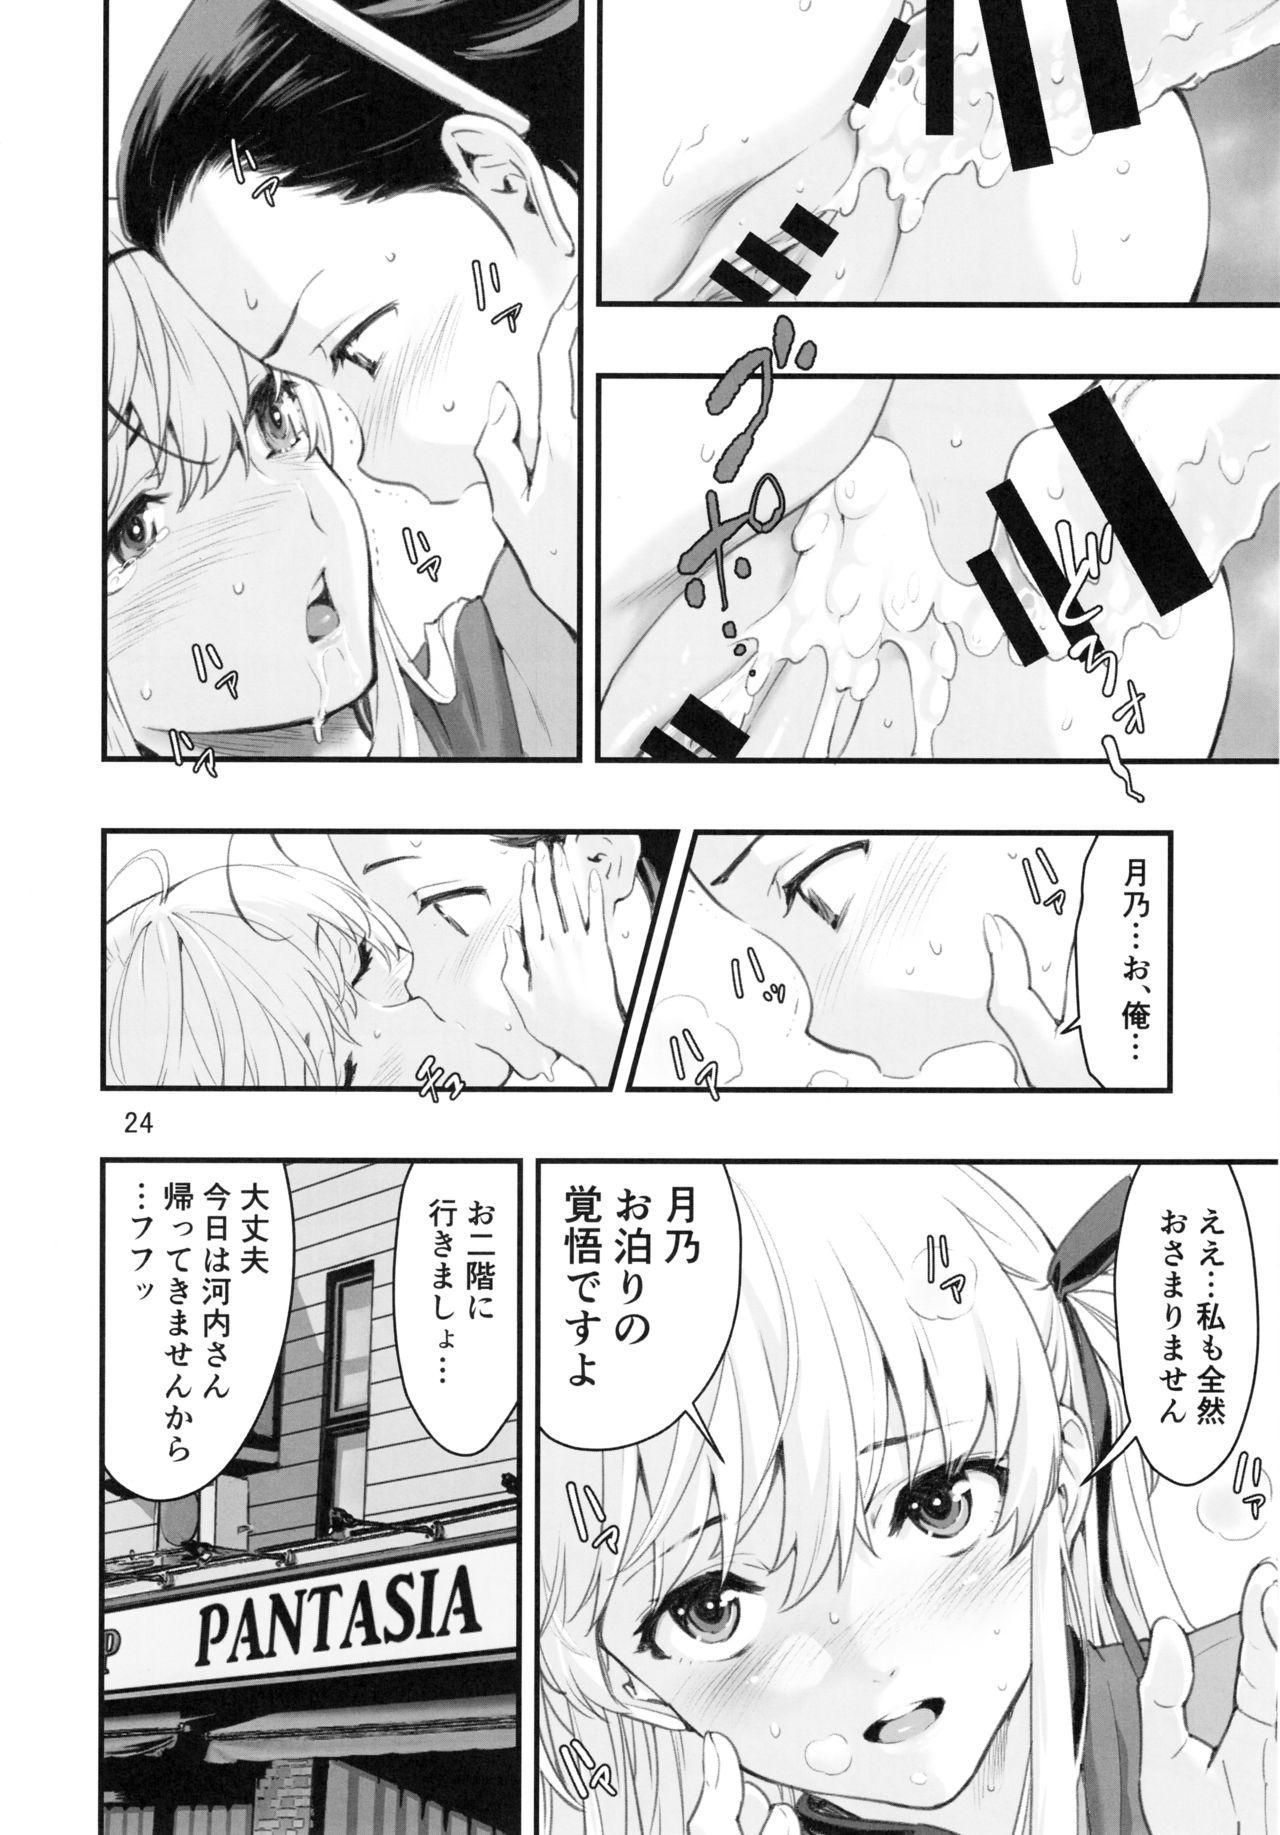 Mou Hitotsu no Tsukitate!! Ou-sama Game 2 22